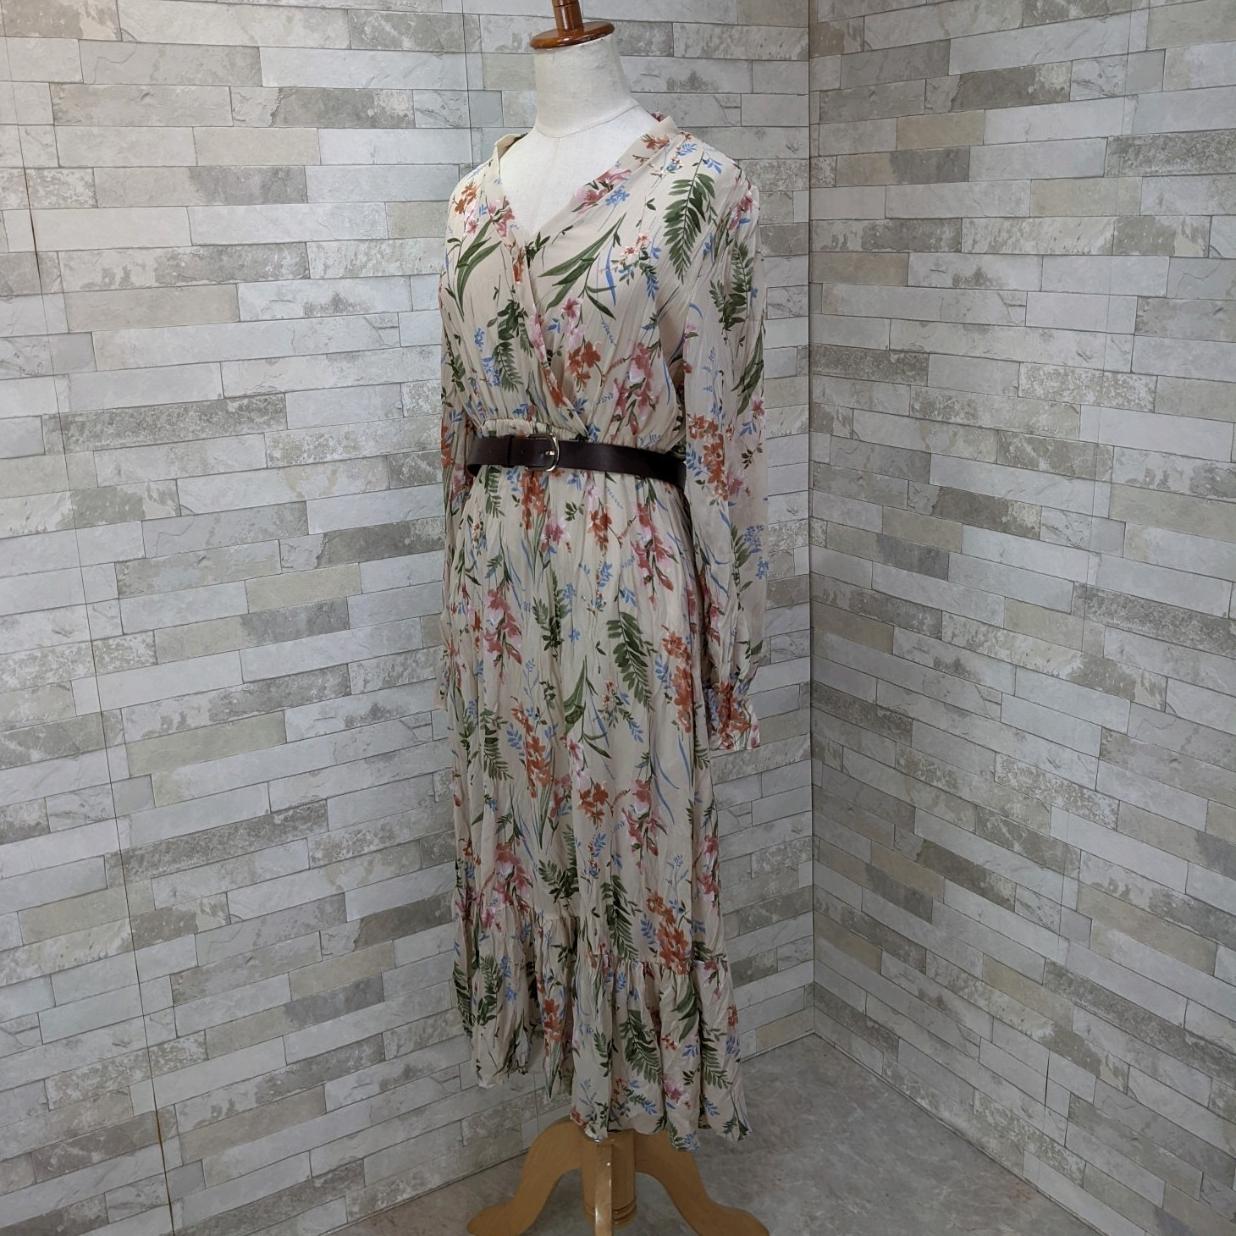 韓国 ファッション ワンピース 夏 春 カジュアル PTXH422  シアー シフォン風 エレガント 着回し オルチャン シンプル 定番 セレカジの写真5枚目